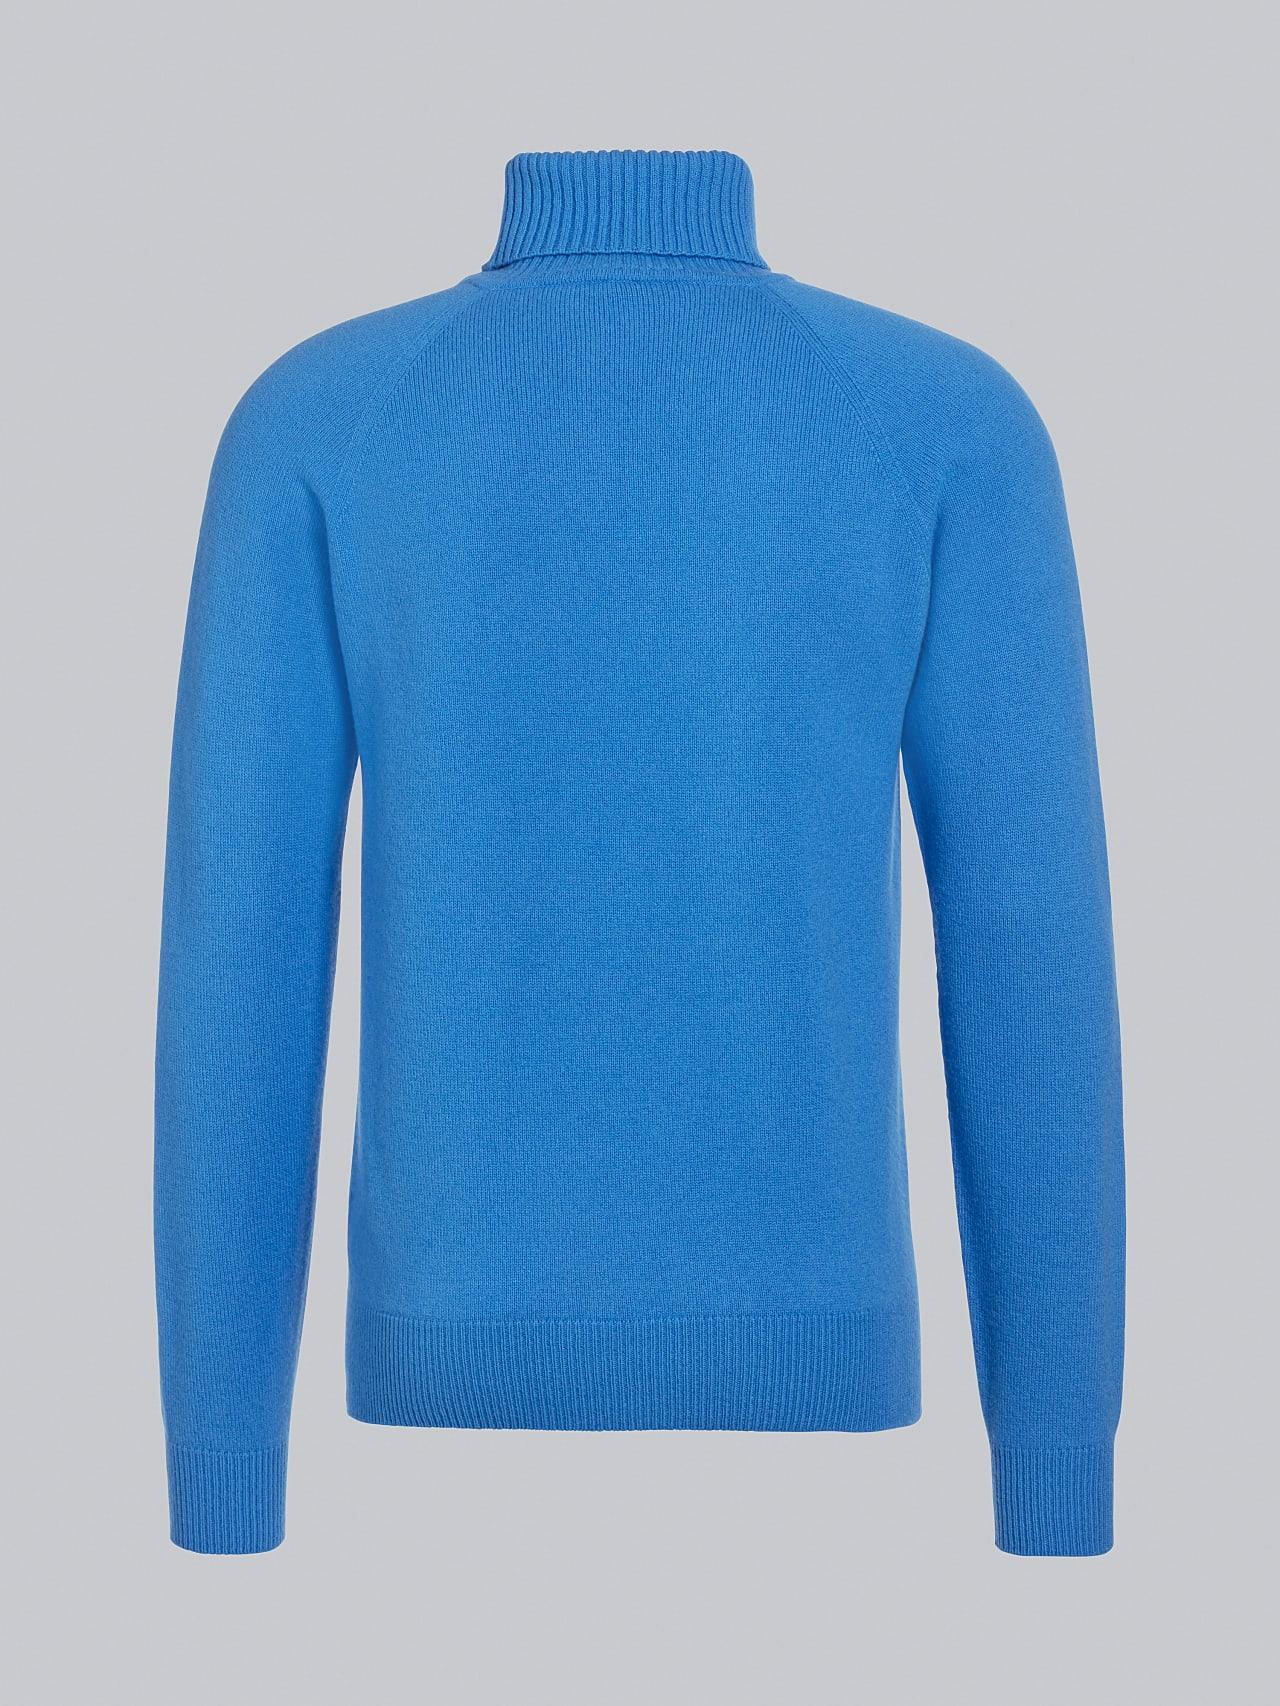 FLUCK V2.Y5.02 Seamless 3D Knit Cashmere-Blend Turtle Neck blue Left Alpha Tauri